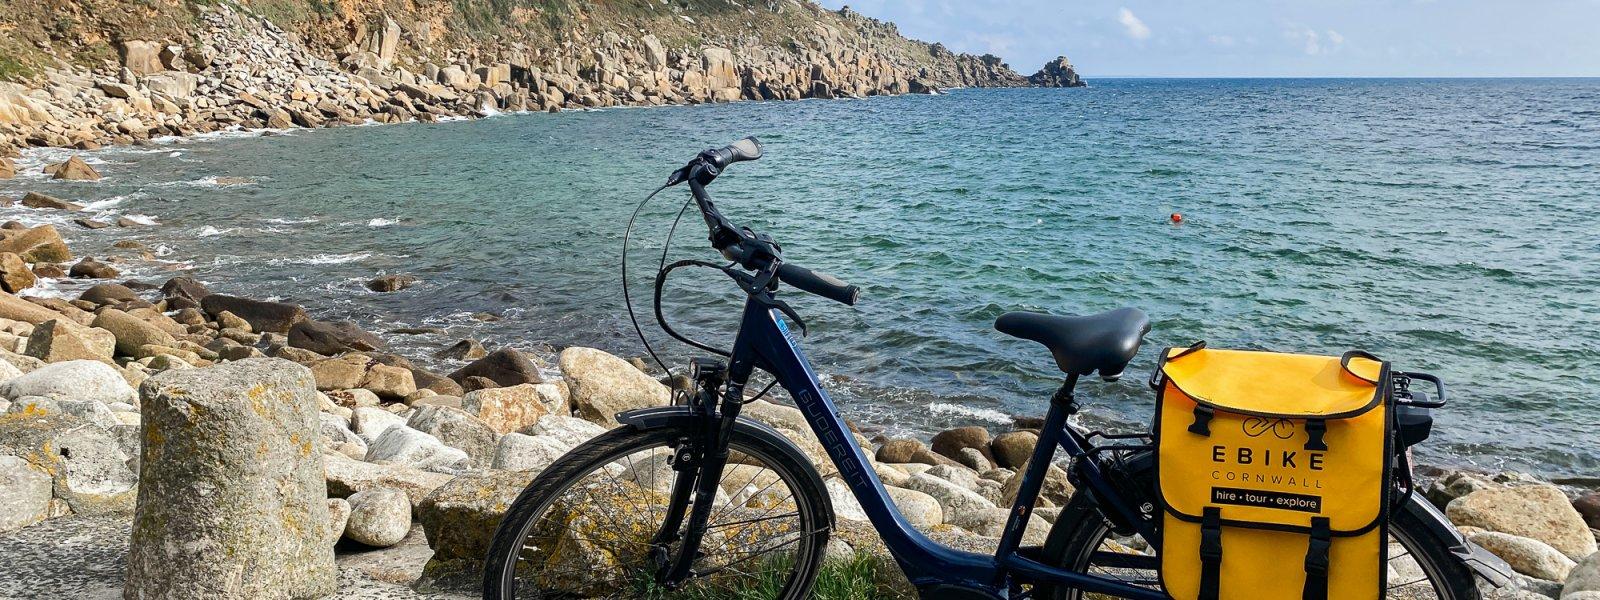 EBike Cornwall: Electric Bike Hire Around Cornwall's Coast